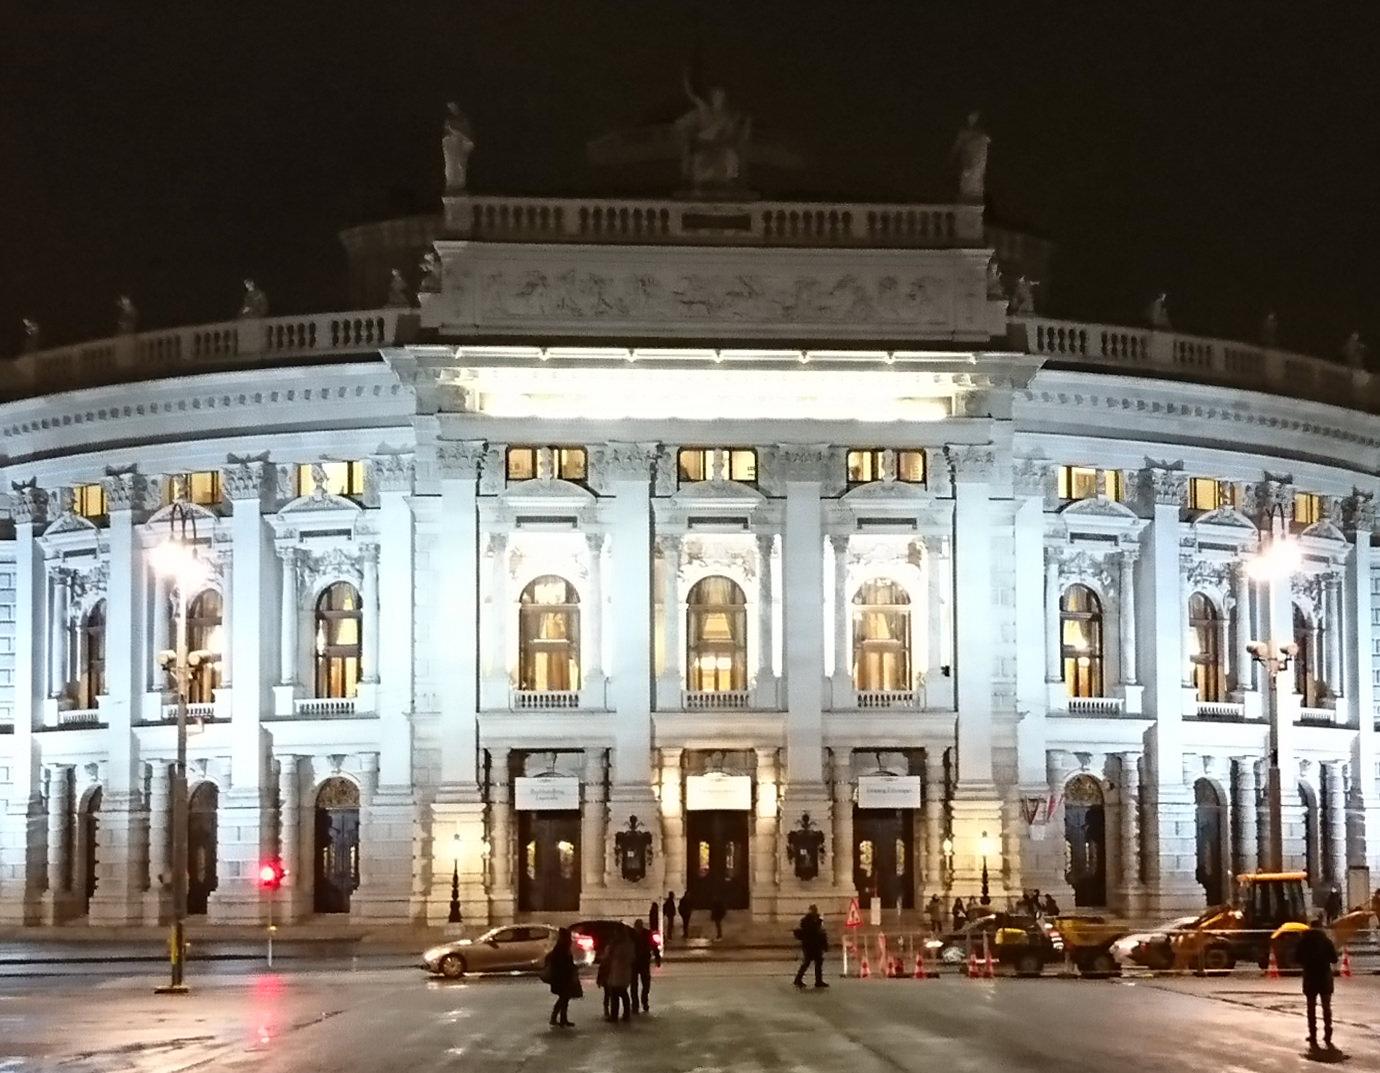 Bericht über das Burgtheater Wien Außenansicht bei Nacht - www.wien-erleben.com